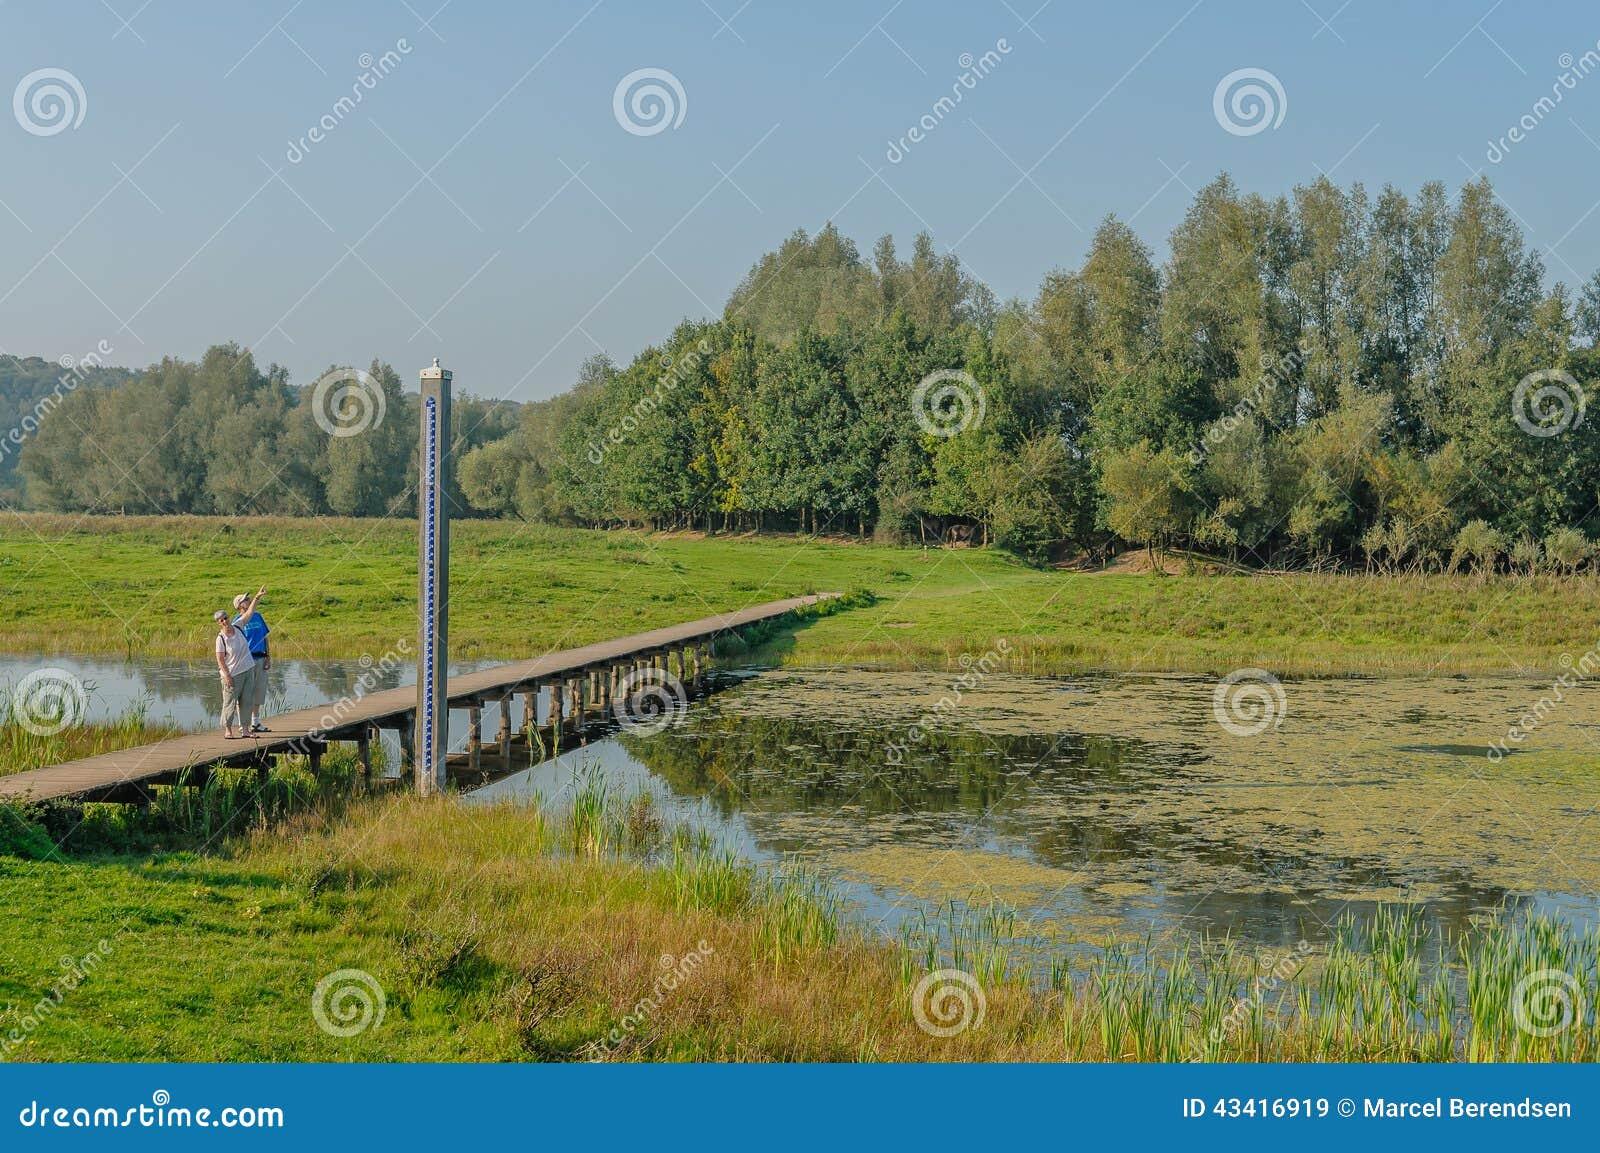 Dutch landscapes de blauwe kamer gelderland editorial stock image image 43416919 - Blauwe kamer ...